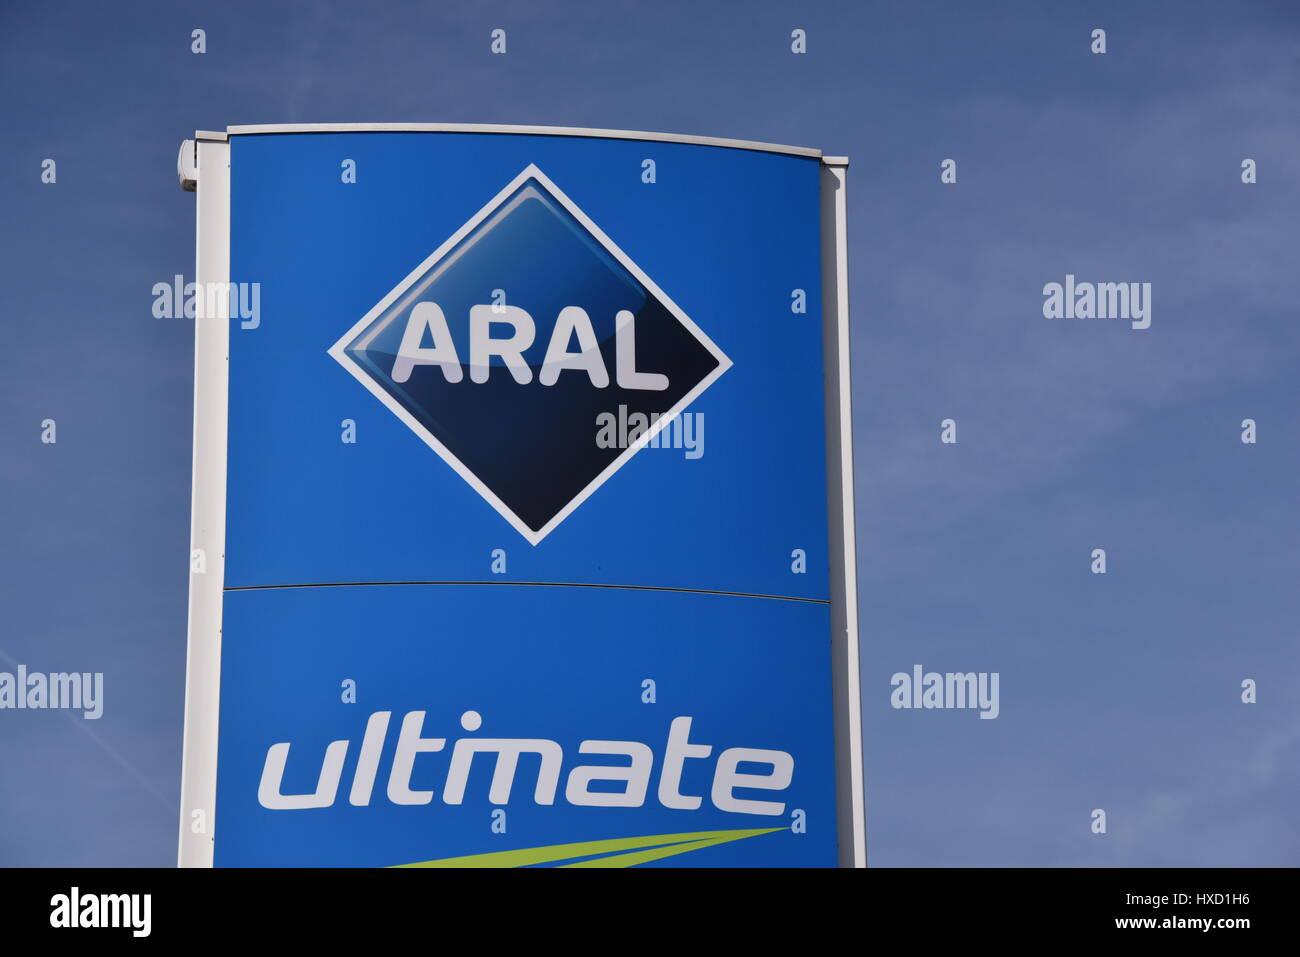 No Logo Stockfotos & No Logo Bilder - Seite 59 - Alamy